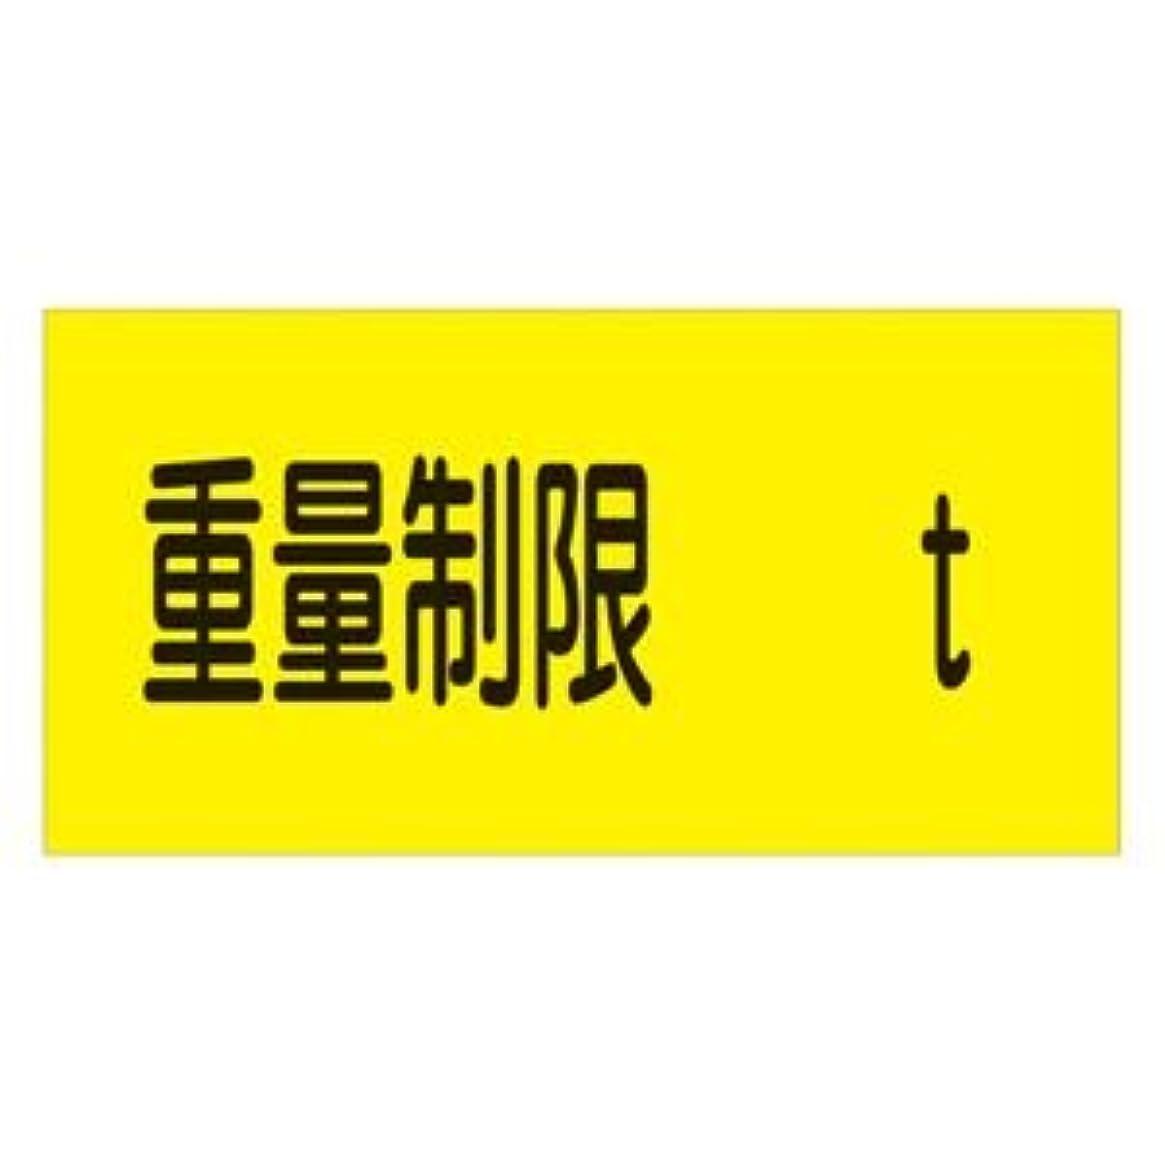 宇宙値する勤勉駐車場標識 重量制限 t 駐-14 ds-1717596